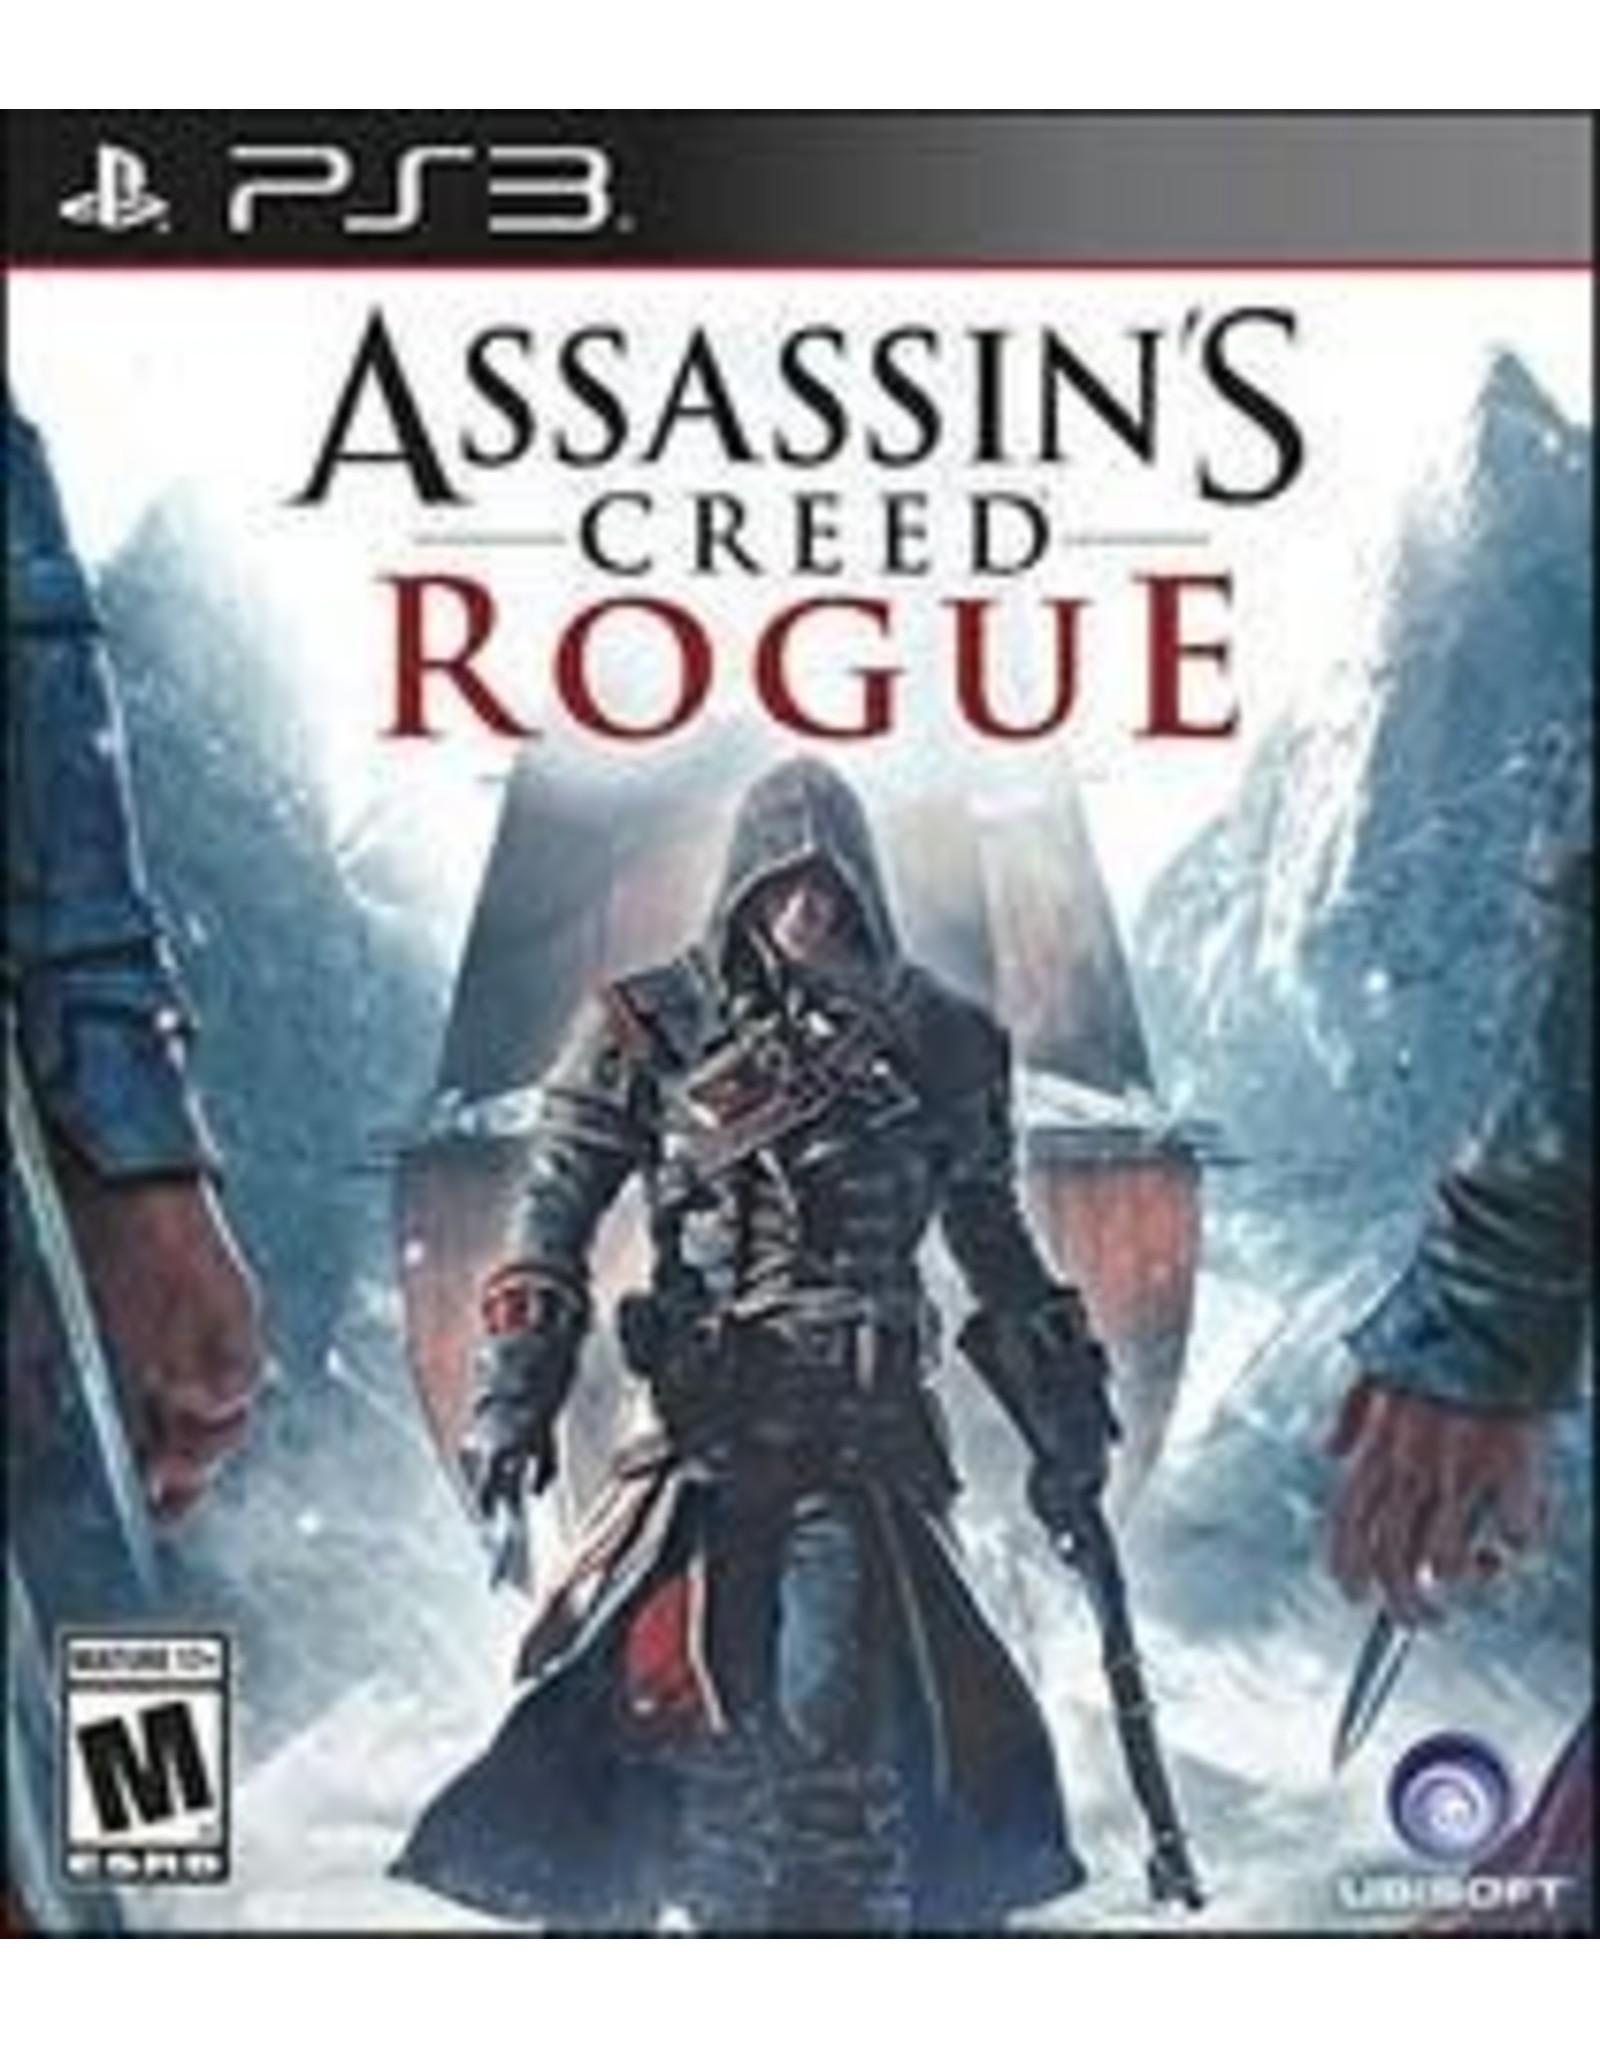 Playstation 3 Assassin's Creed: Rogue (CiB)